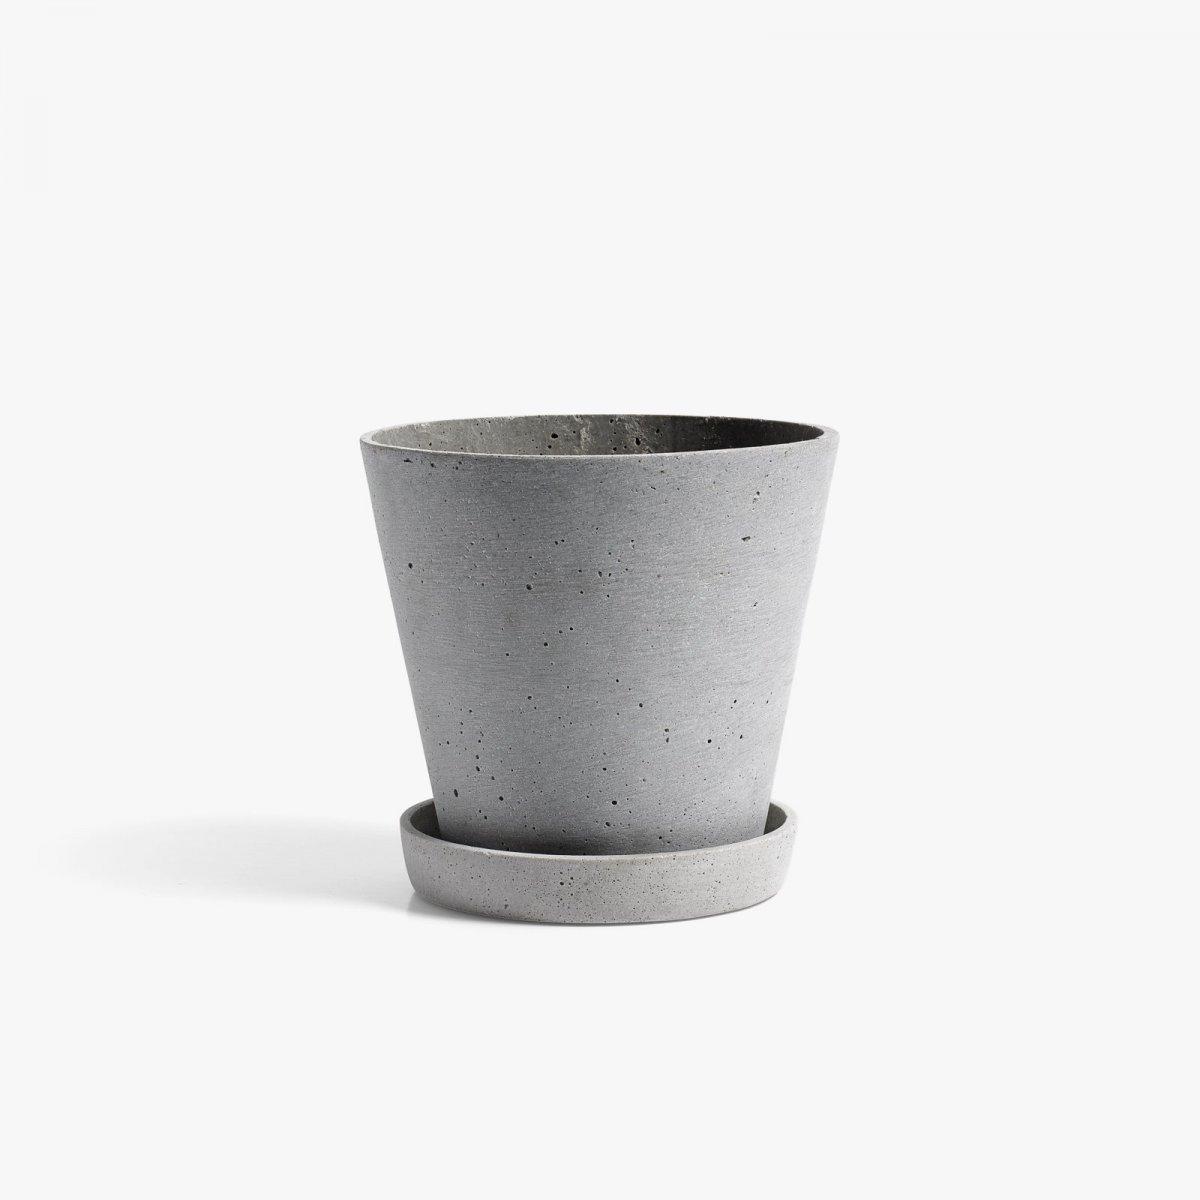 Flowerpot with Saucer, gray.